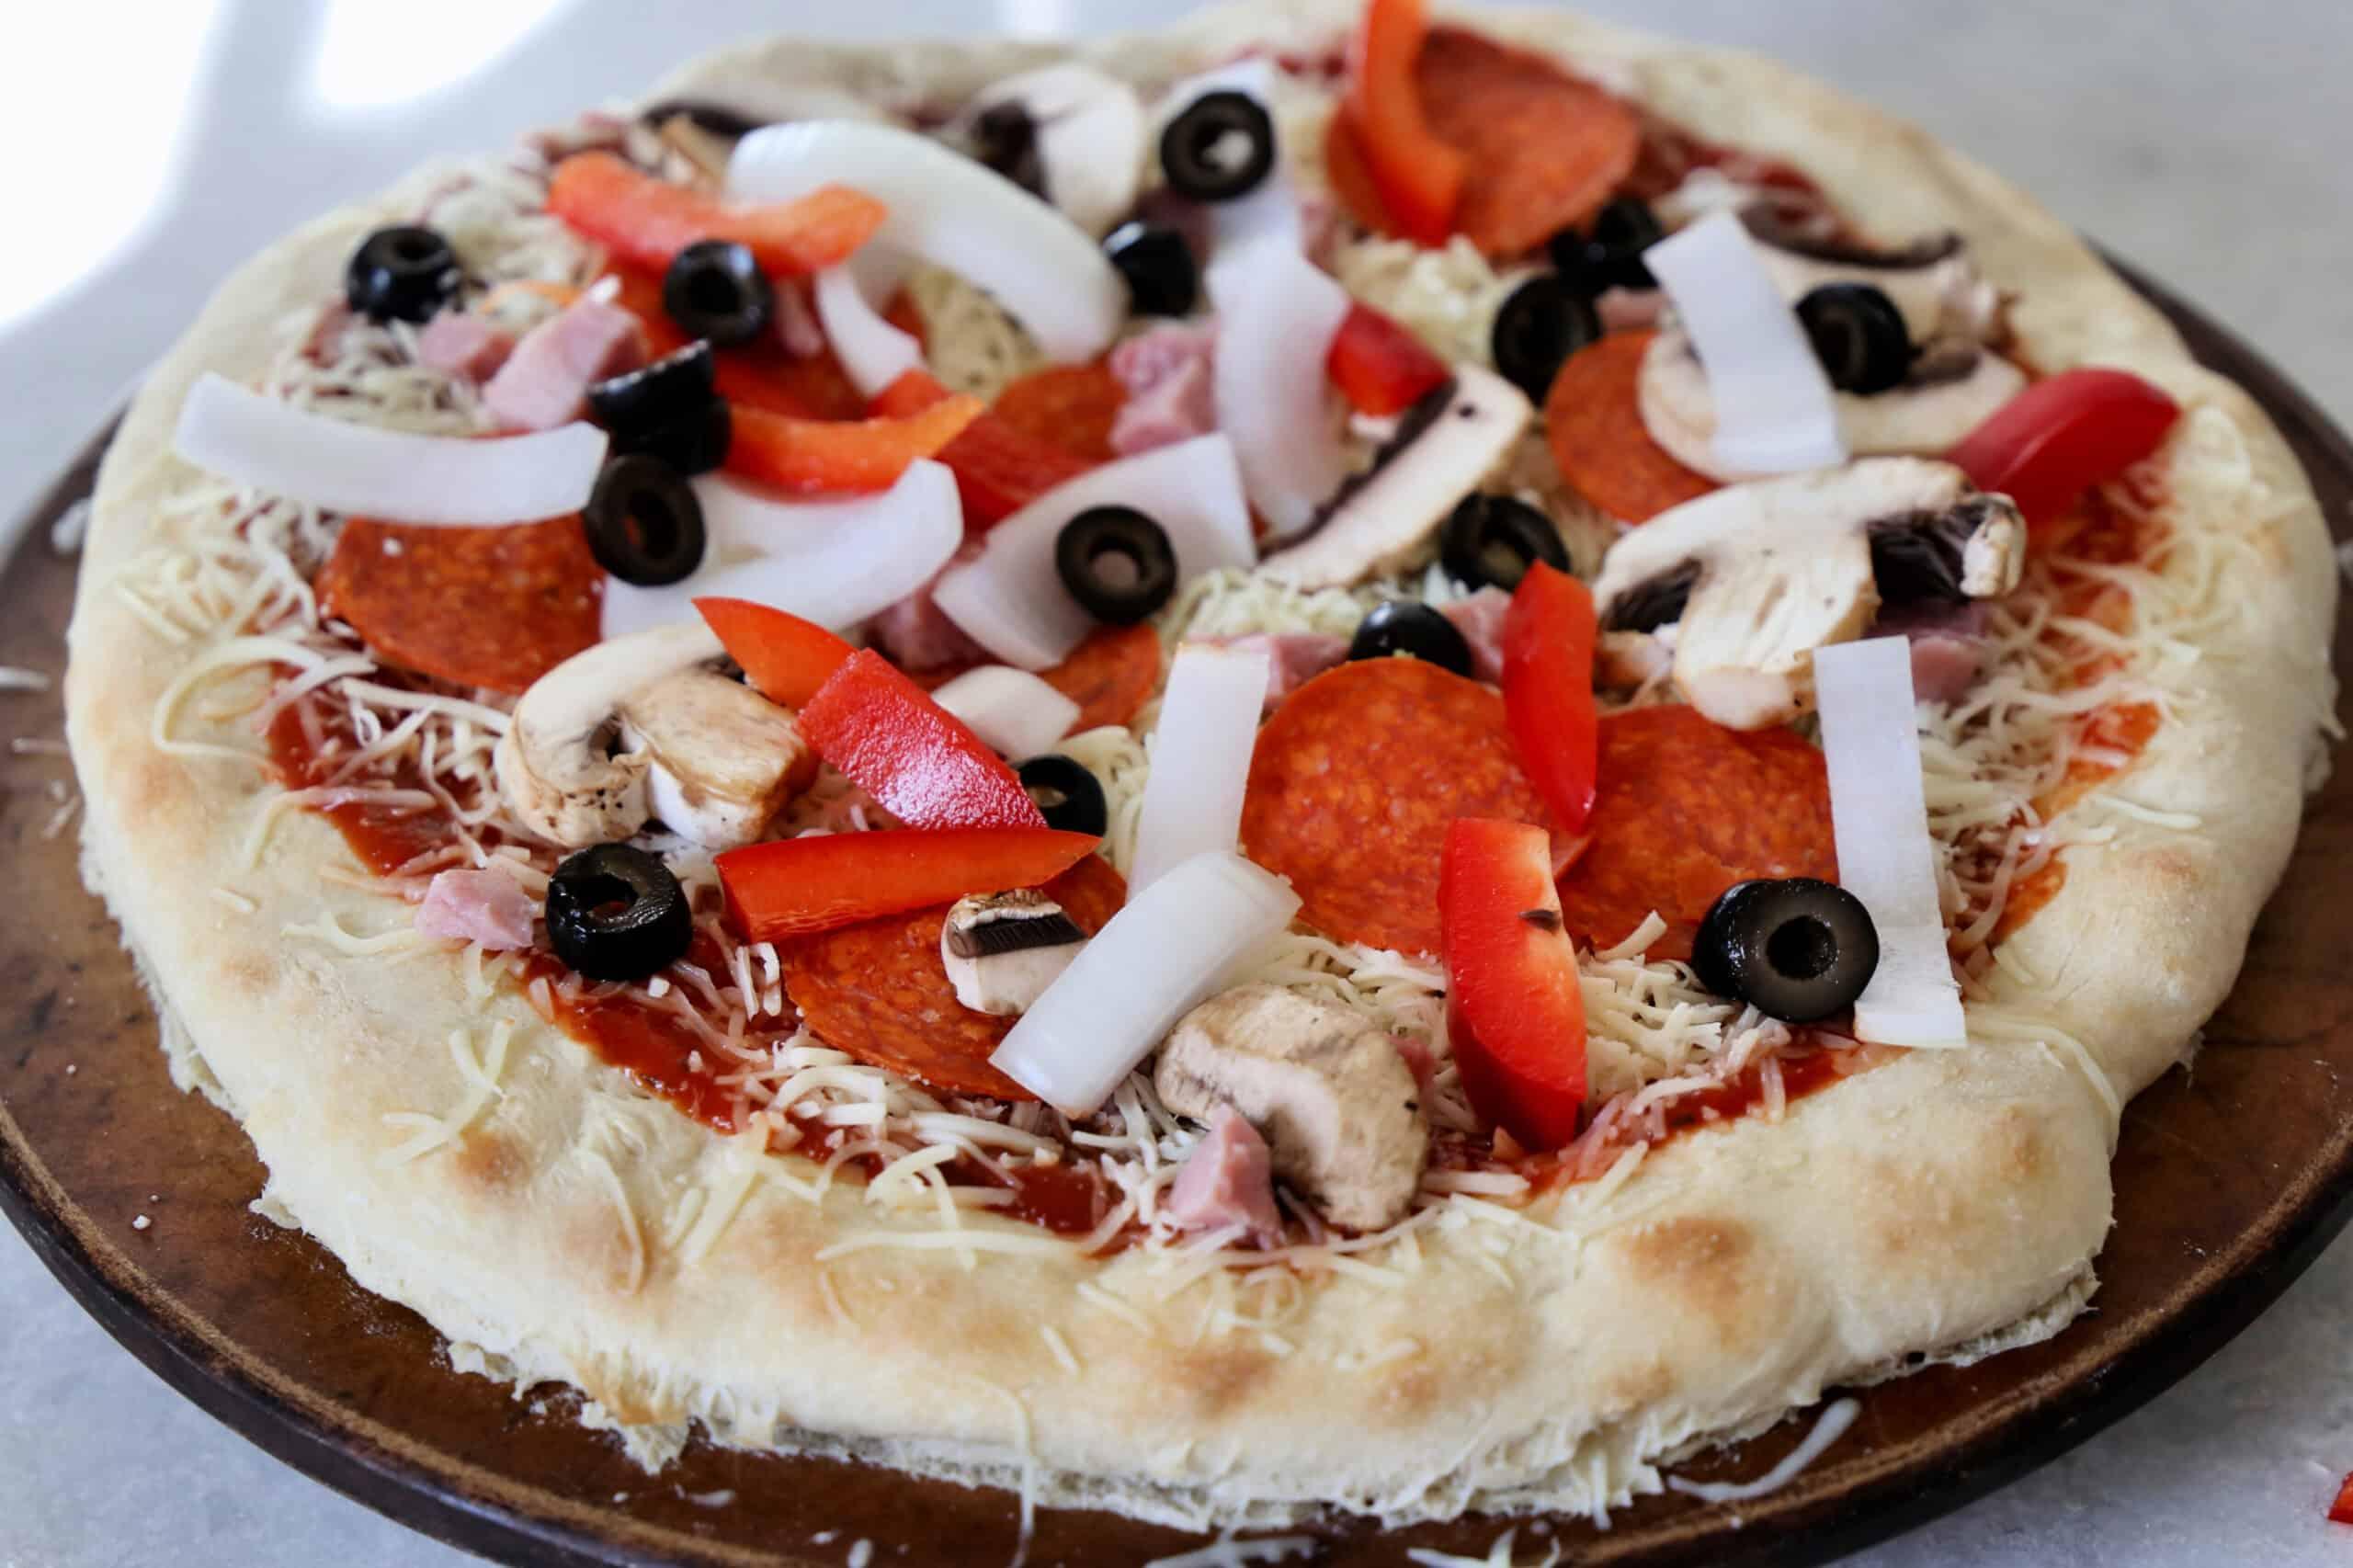 prebaked pizza